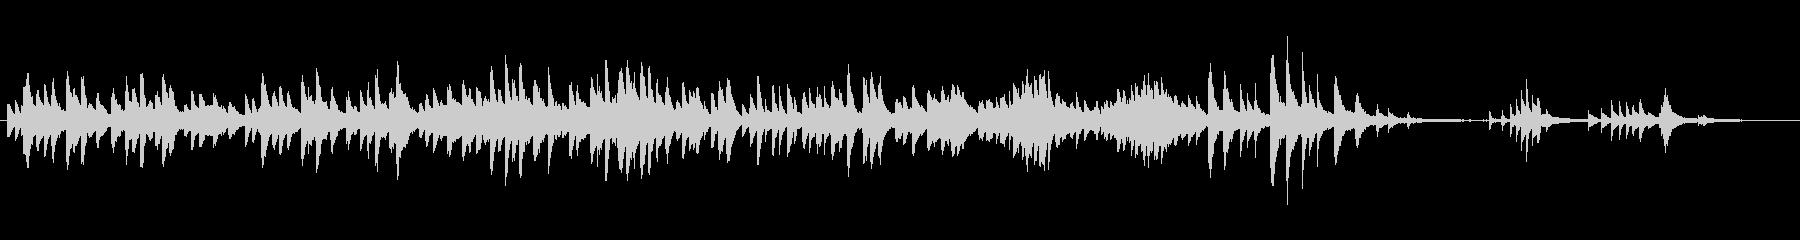 サリーガーデンをスタインウエイ生ピアノでの未再生の波形